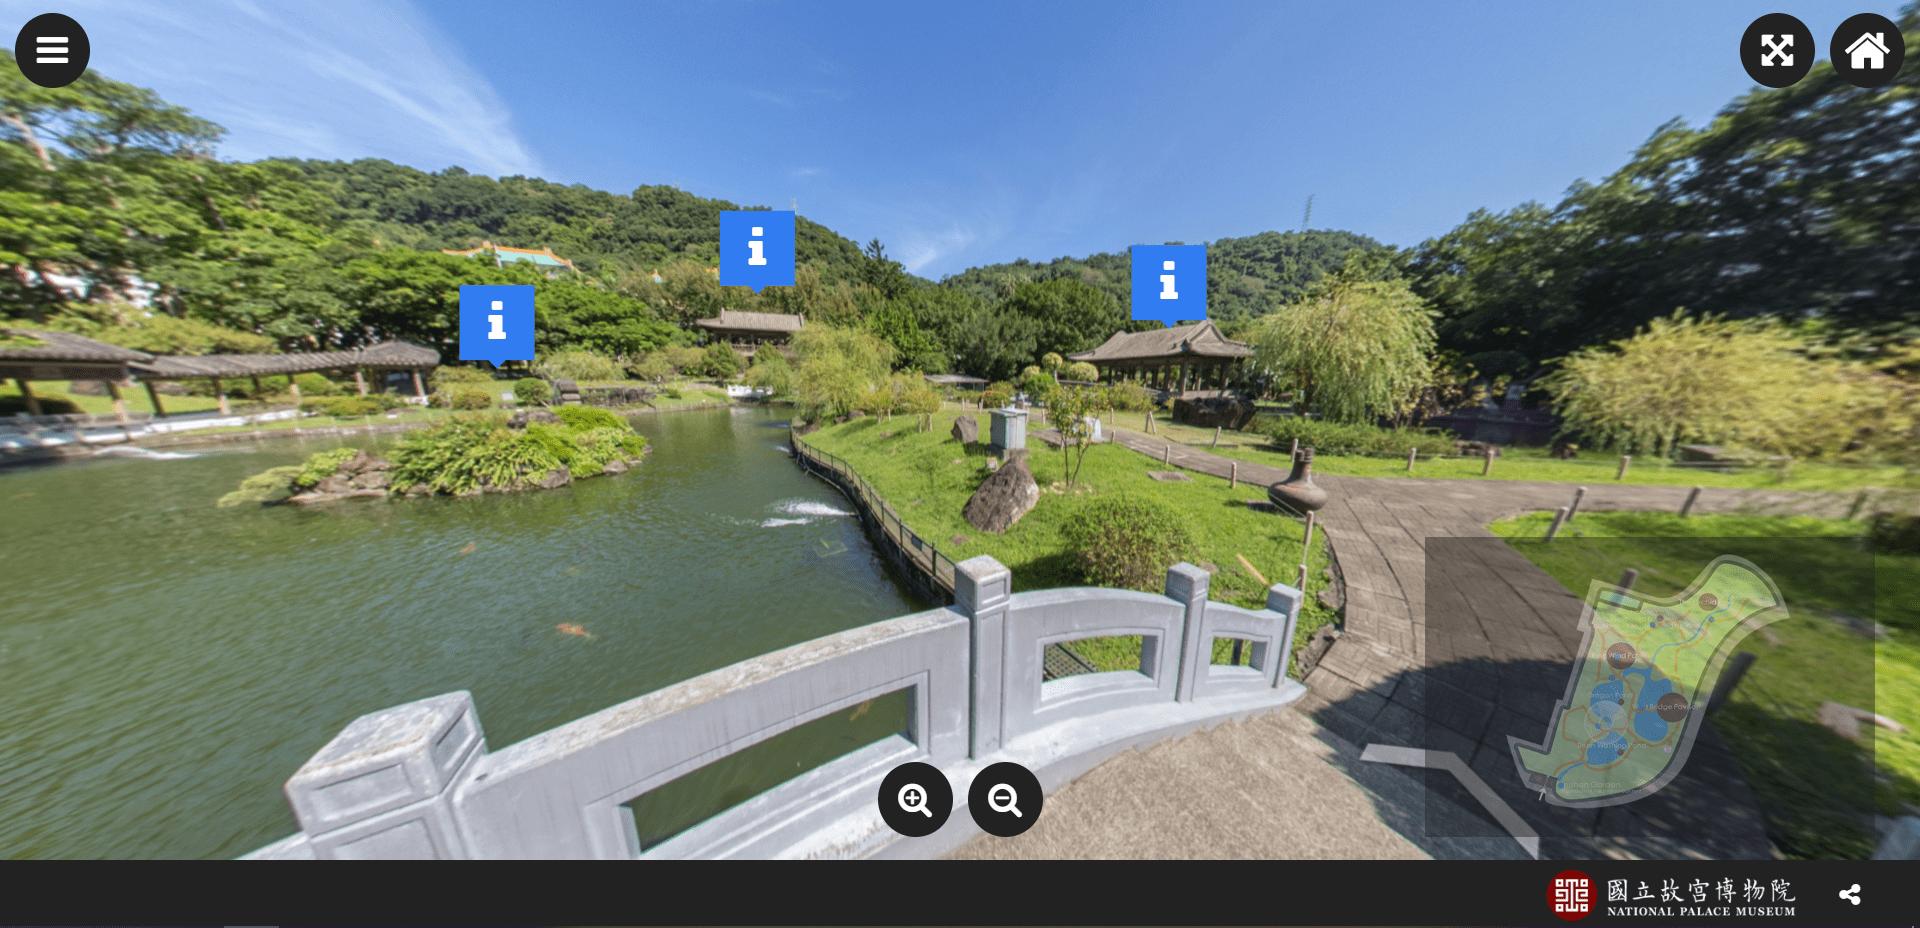 台北故宫博物院- 虚拟旅游